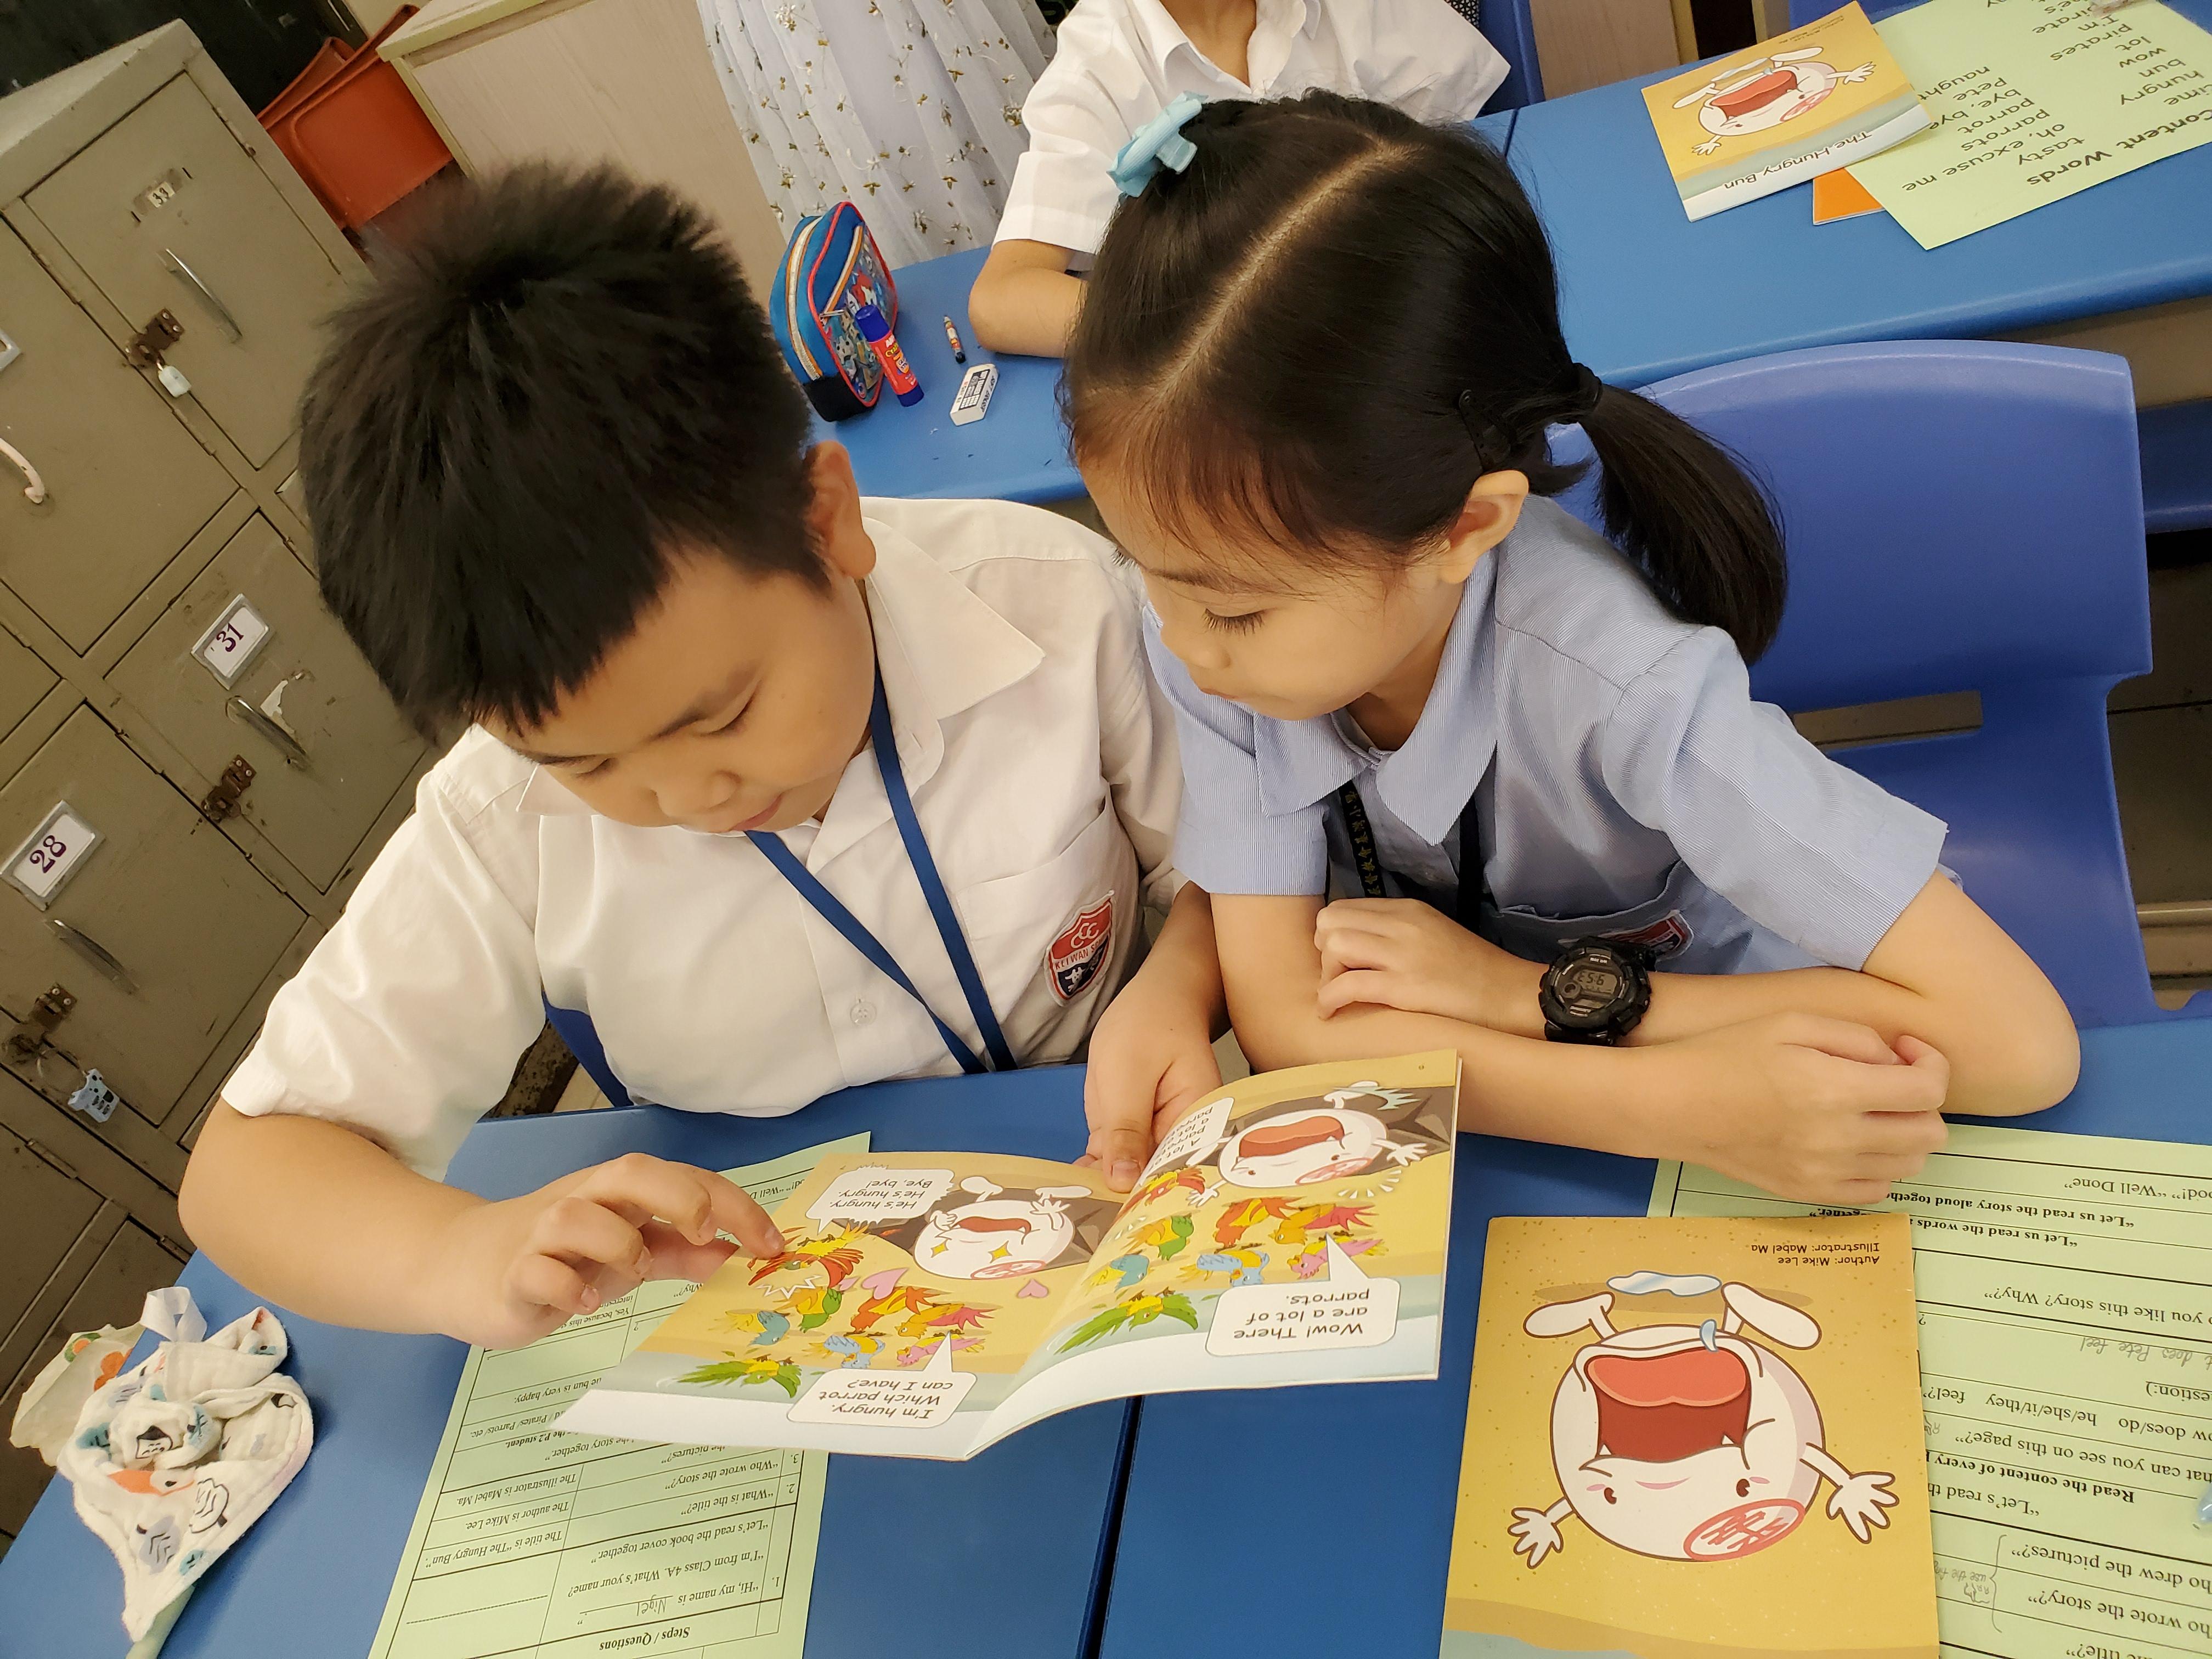 http://www.keiwan.edu.hk/sites/default/files/11_2.jpg